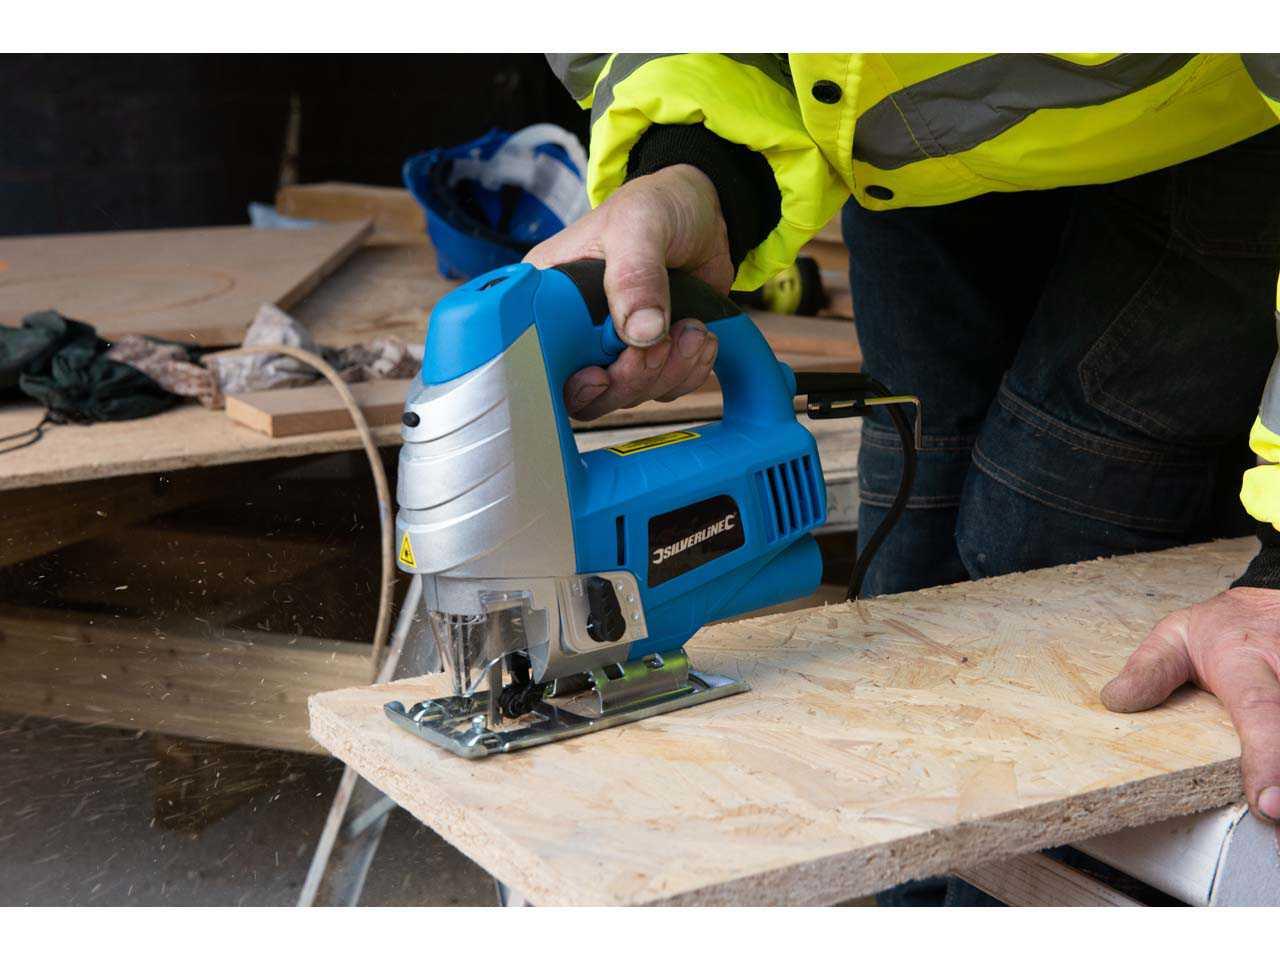 Silverline Laser Guided Jigsaw Electric Power 710w Jig Saw 815969